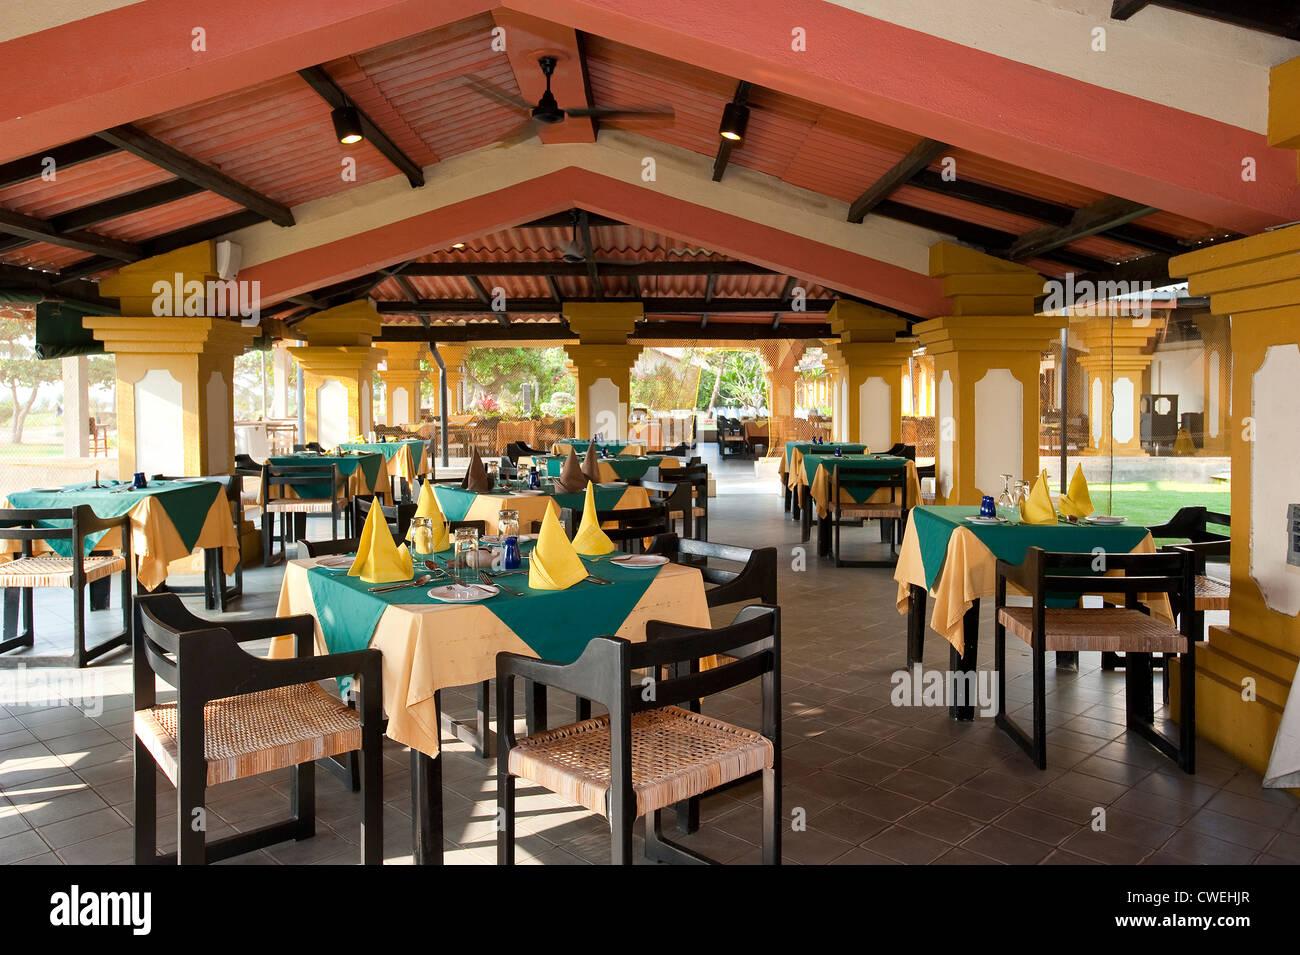 Buffet Restaurant at Browns Beach Hotel, Negombo, Sri Lanka - Buffet Restaurant At Browns Beach Hotel, Negombo, Sri Lanka Stock